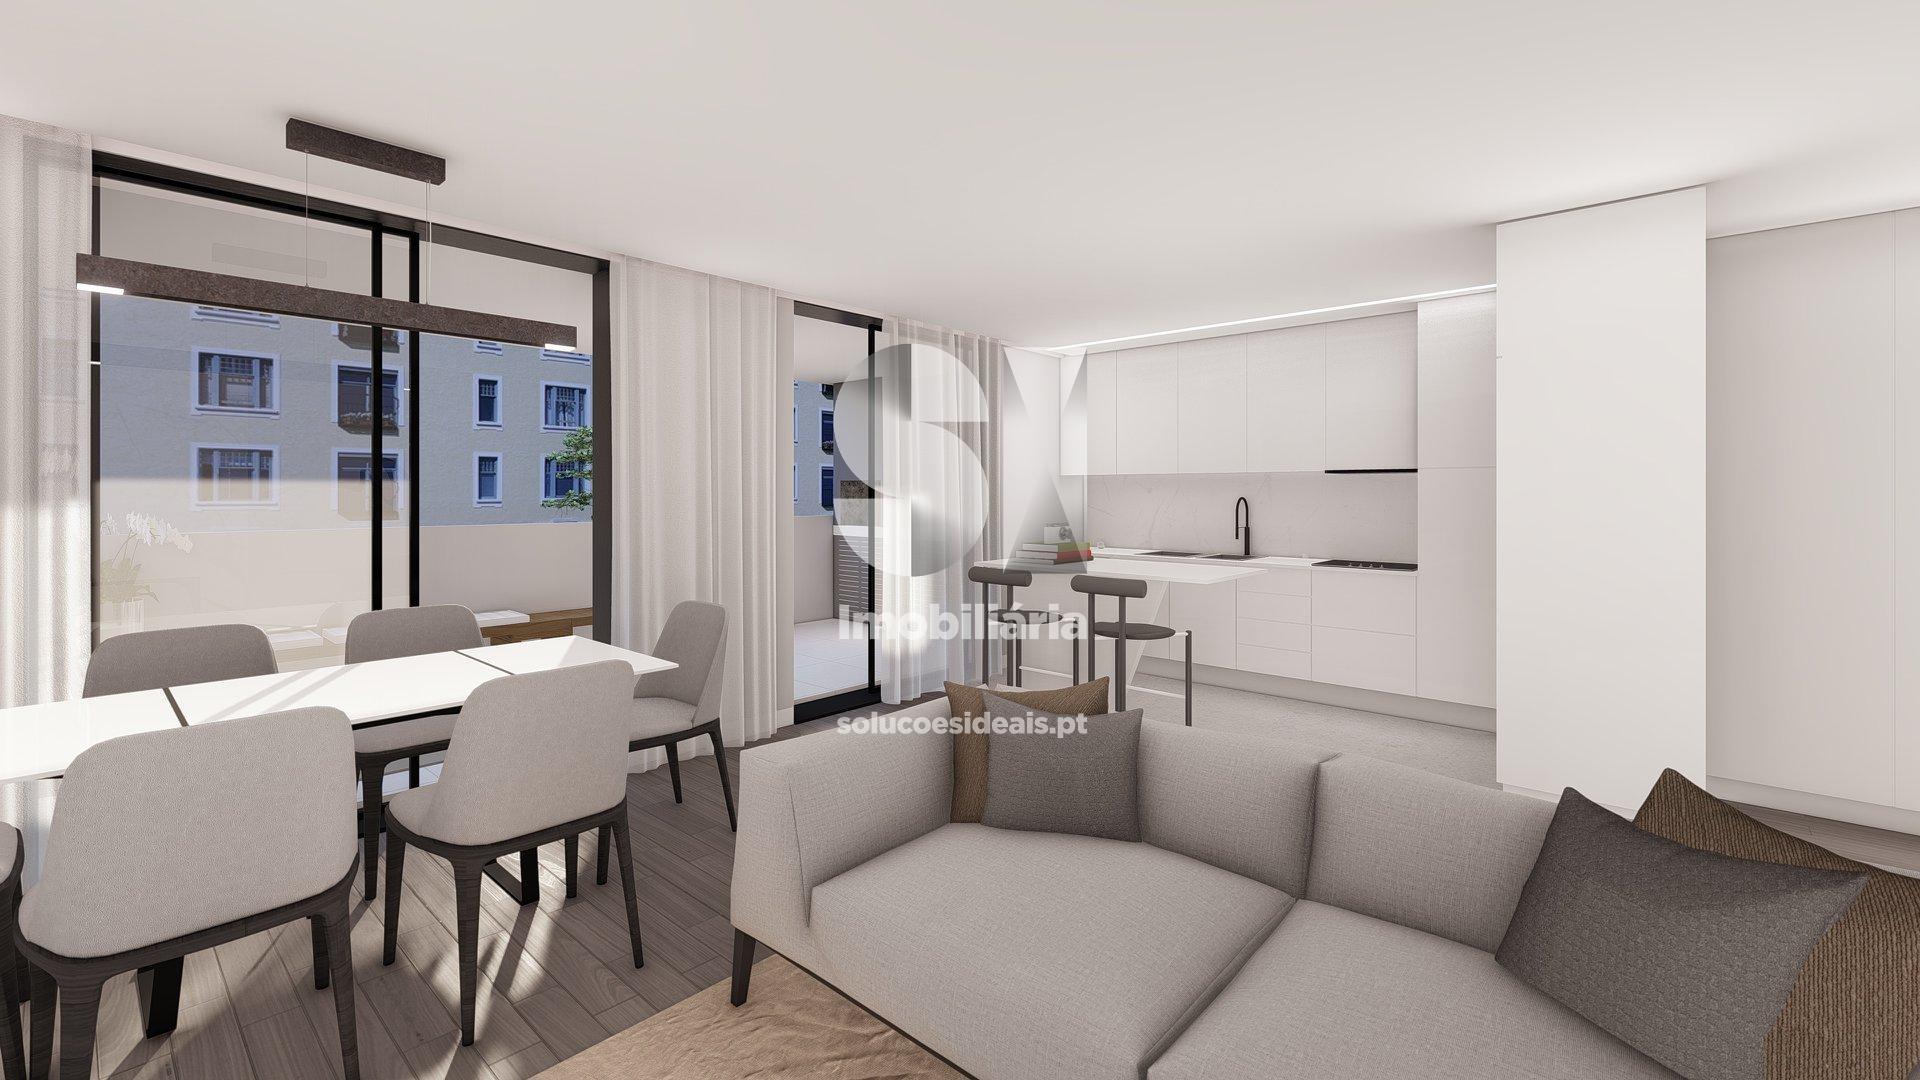 apartamento t2 para compra em braga uniao das freguesias de braga maximinos se e cividade BGCCP30_2